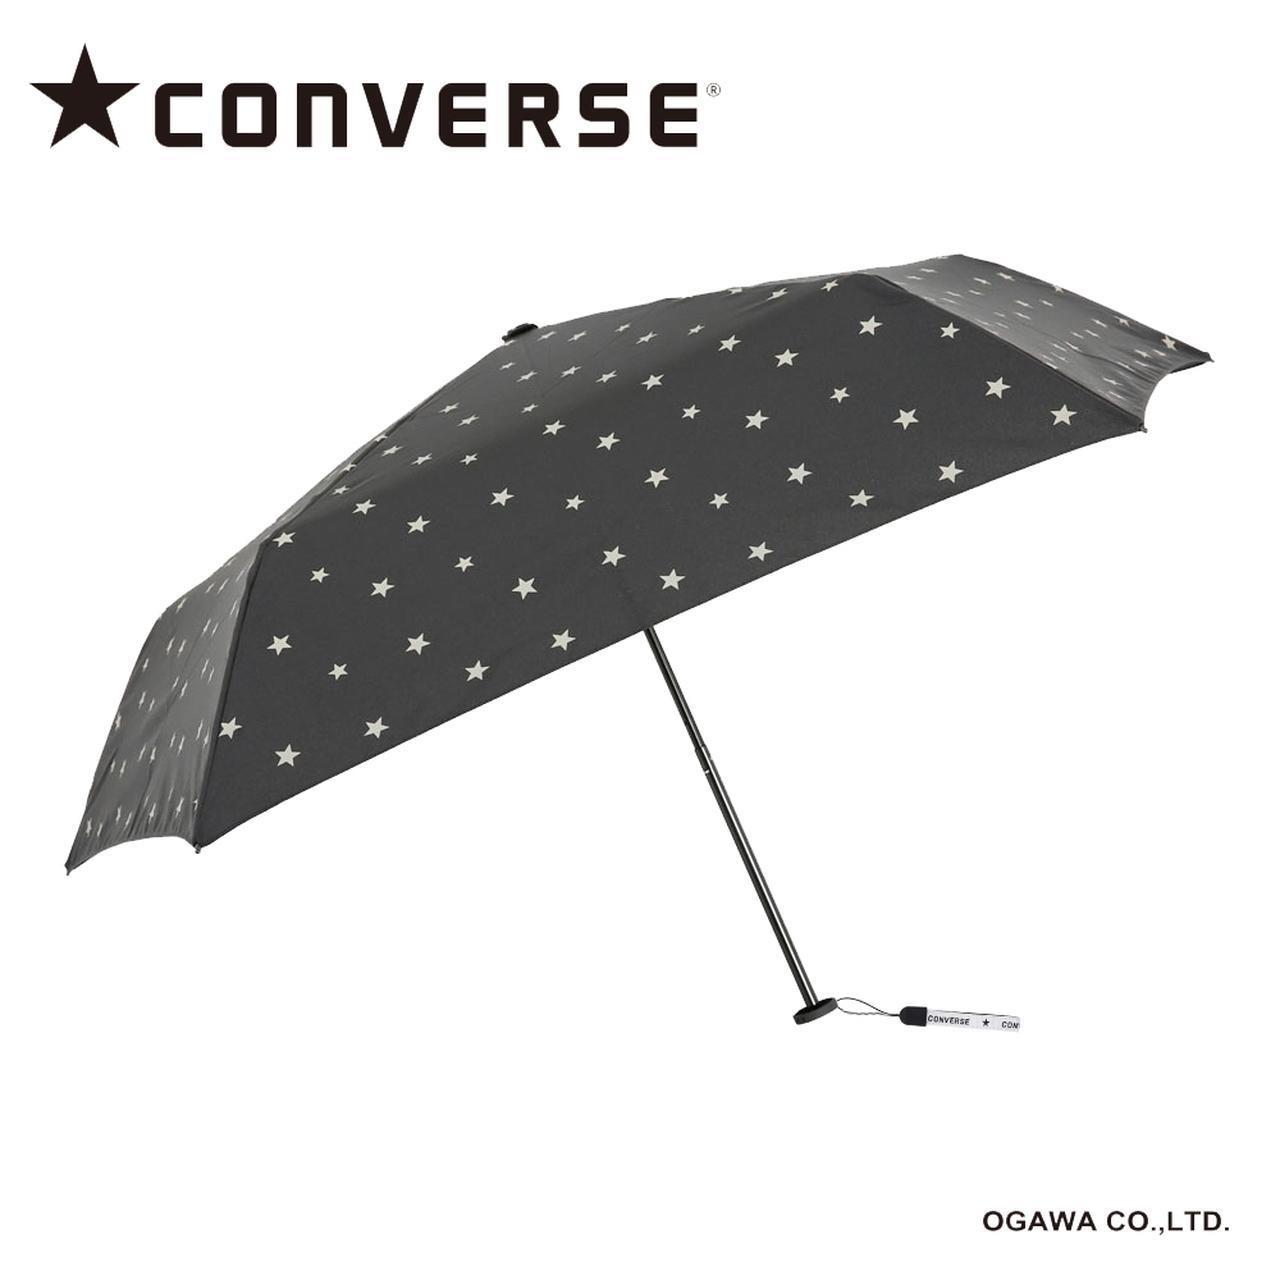 画像4: 猛暑には日傘で対策を!手放せなくなるおすすめ日傘